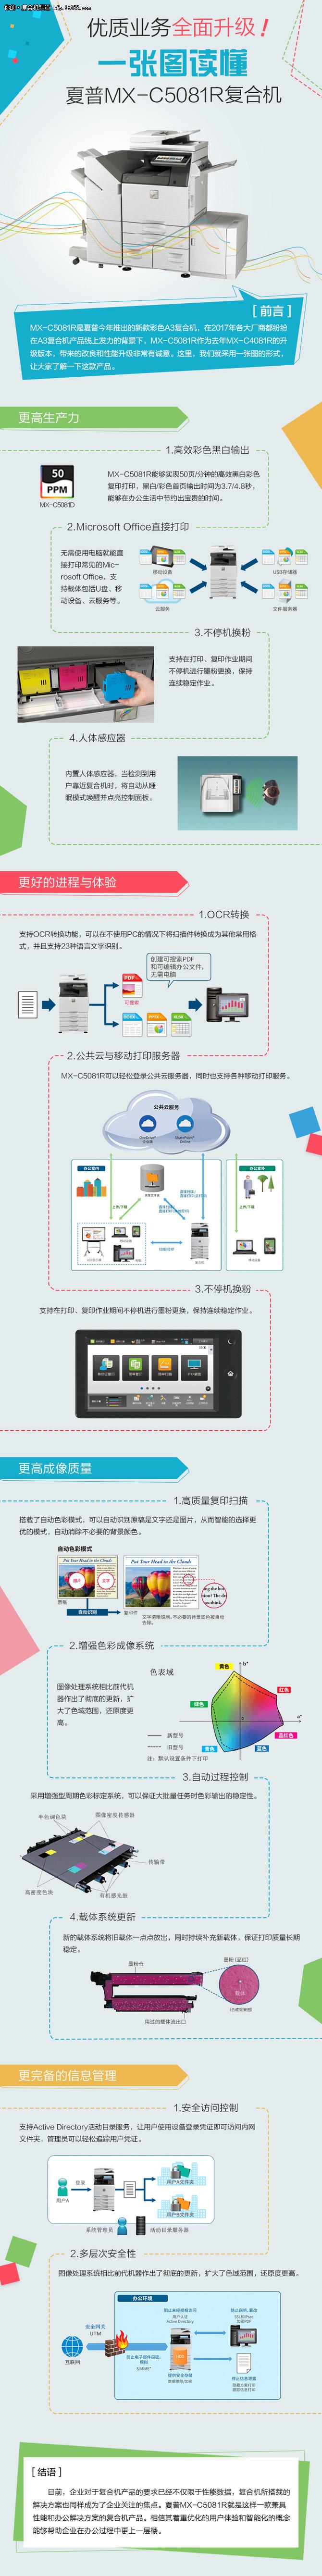 一张图读懂夏普MX-C5081R彩色复合机